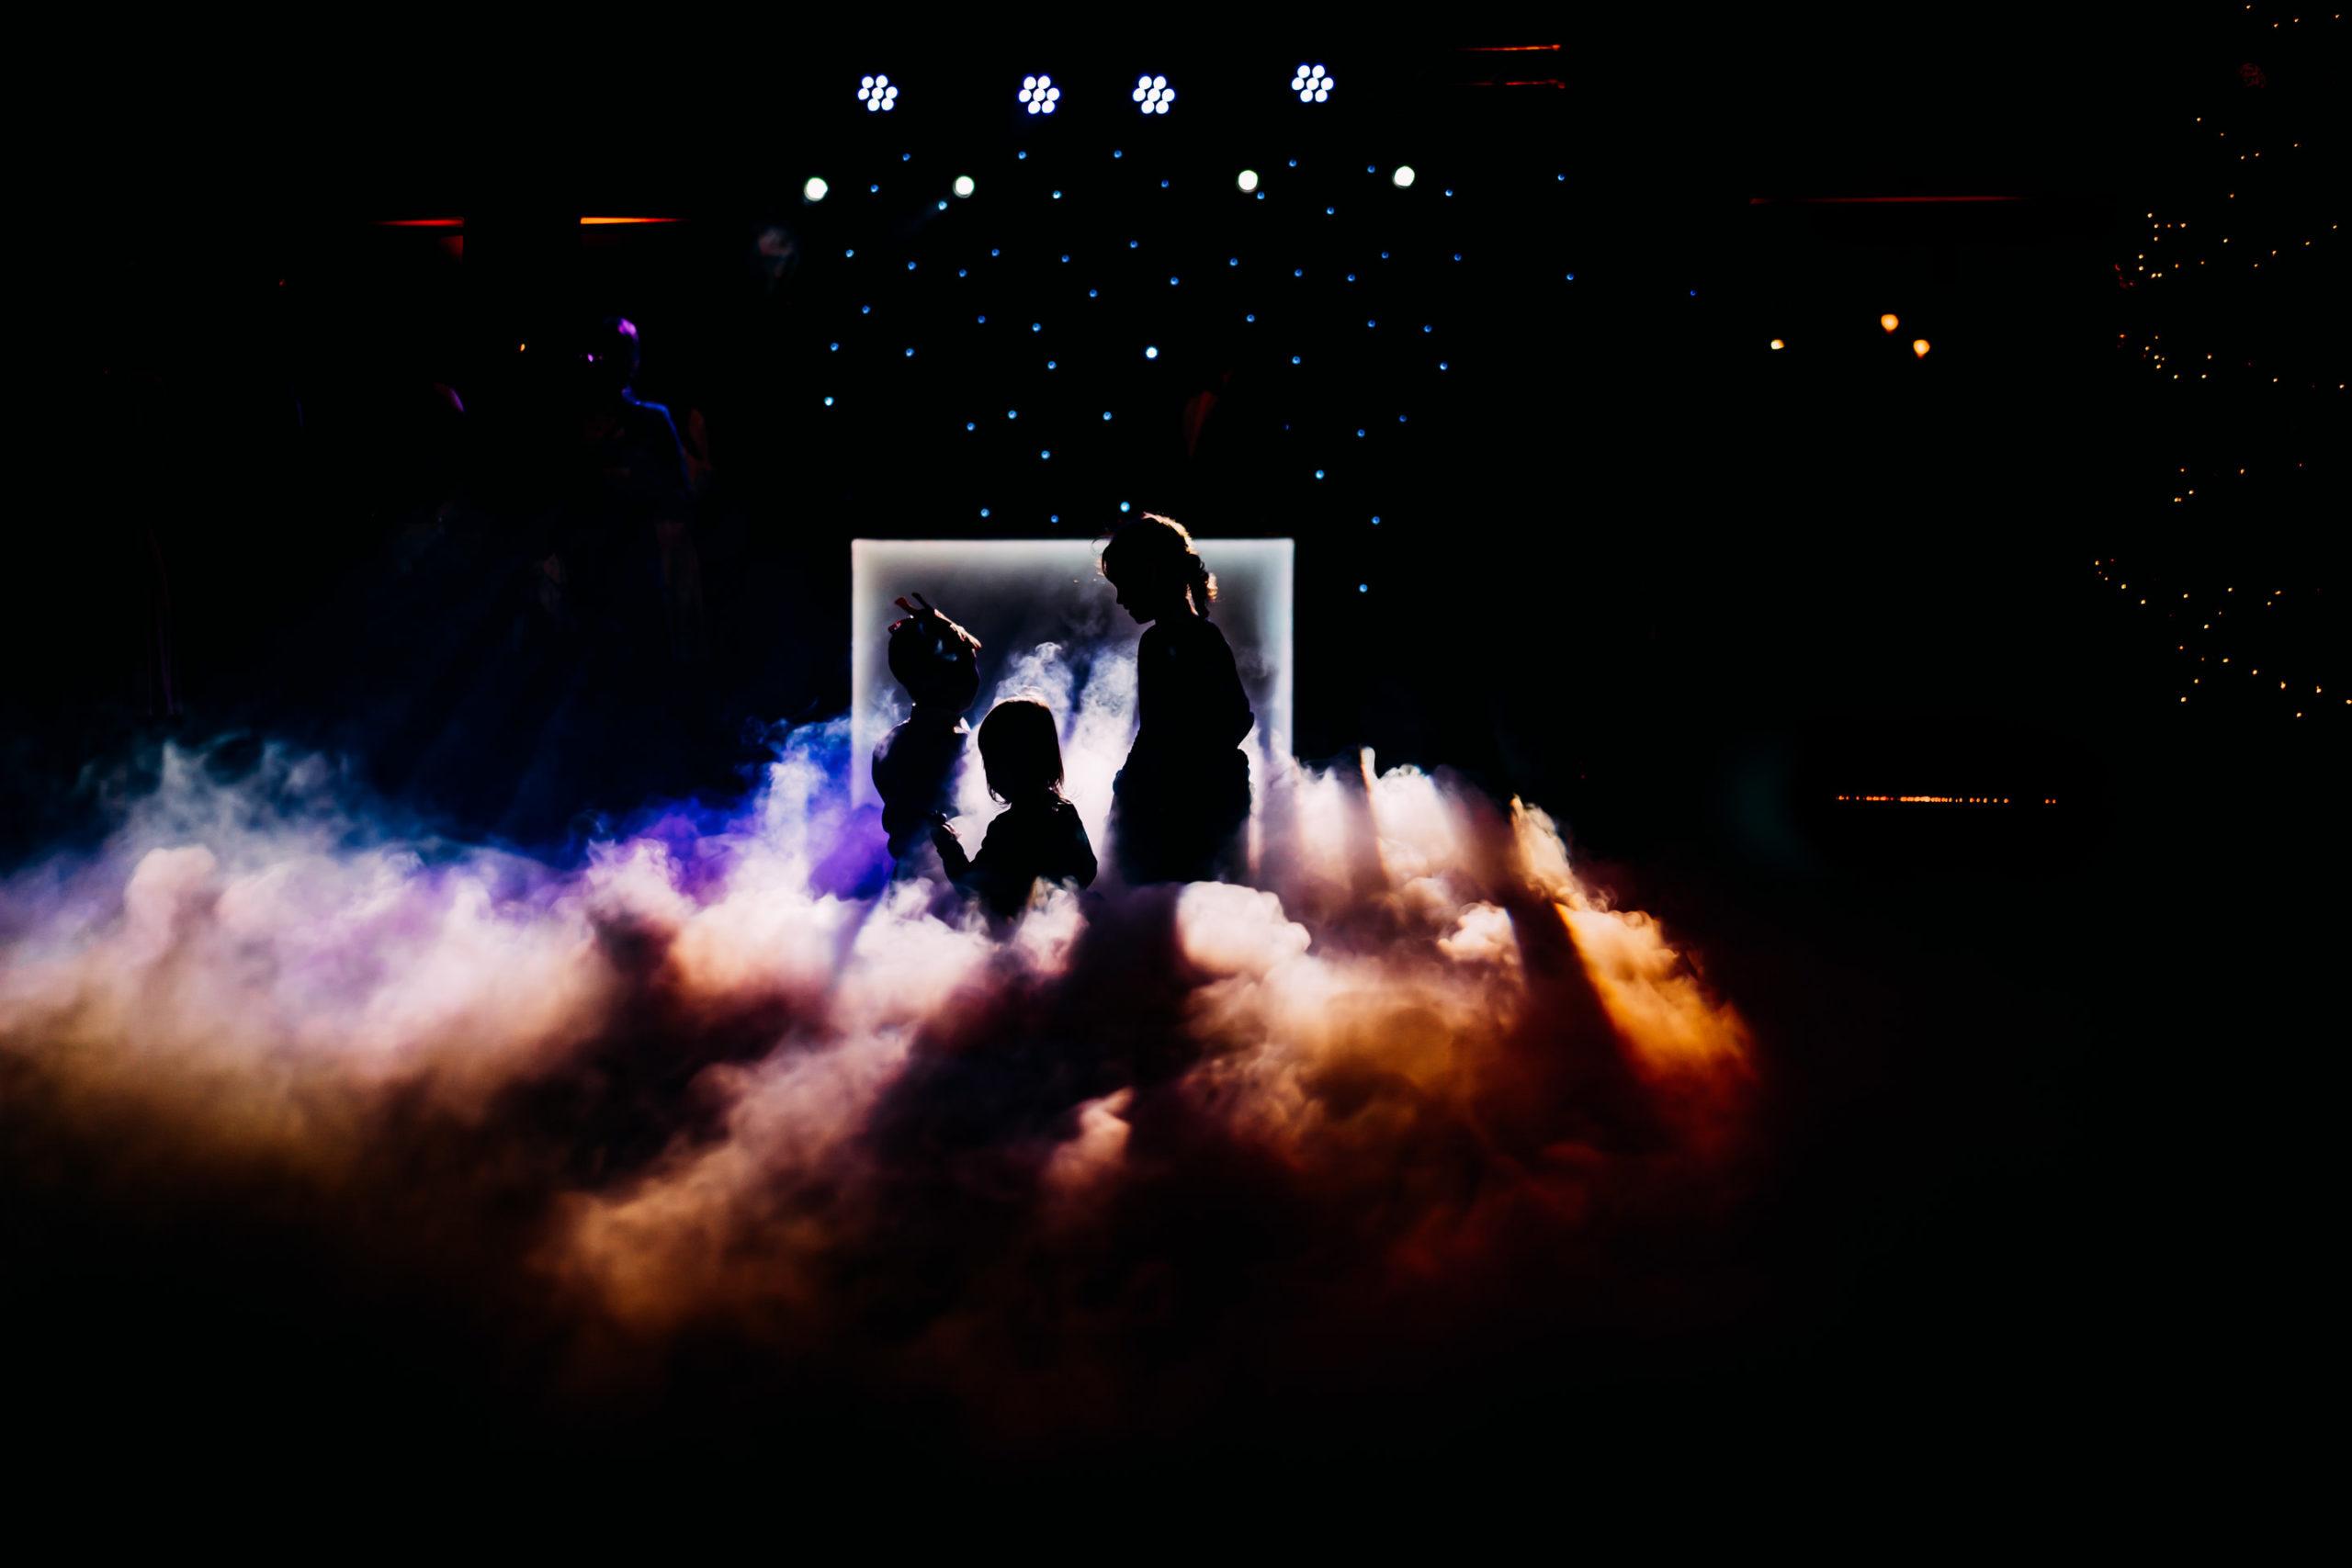 Ciężki dym na weselu i dzieci